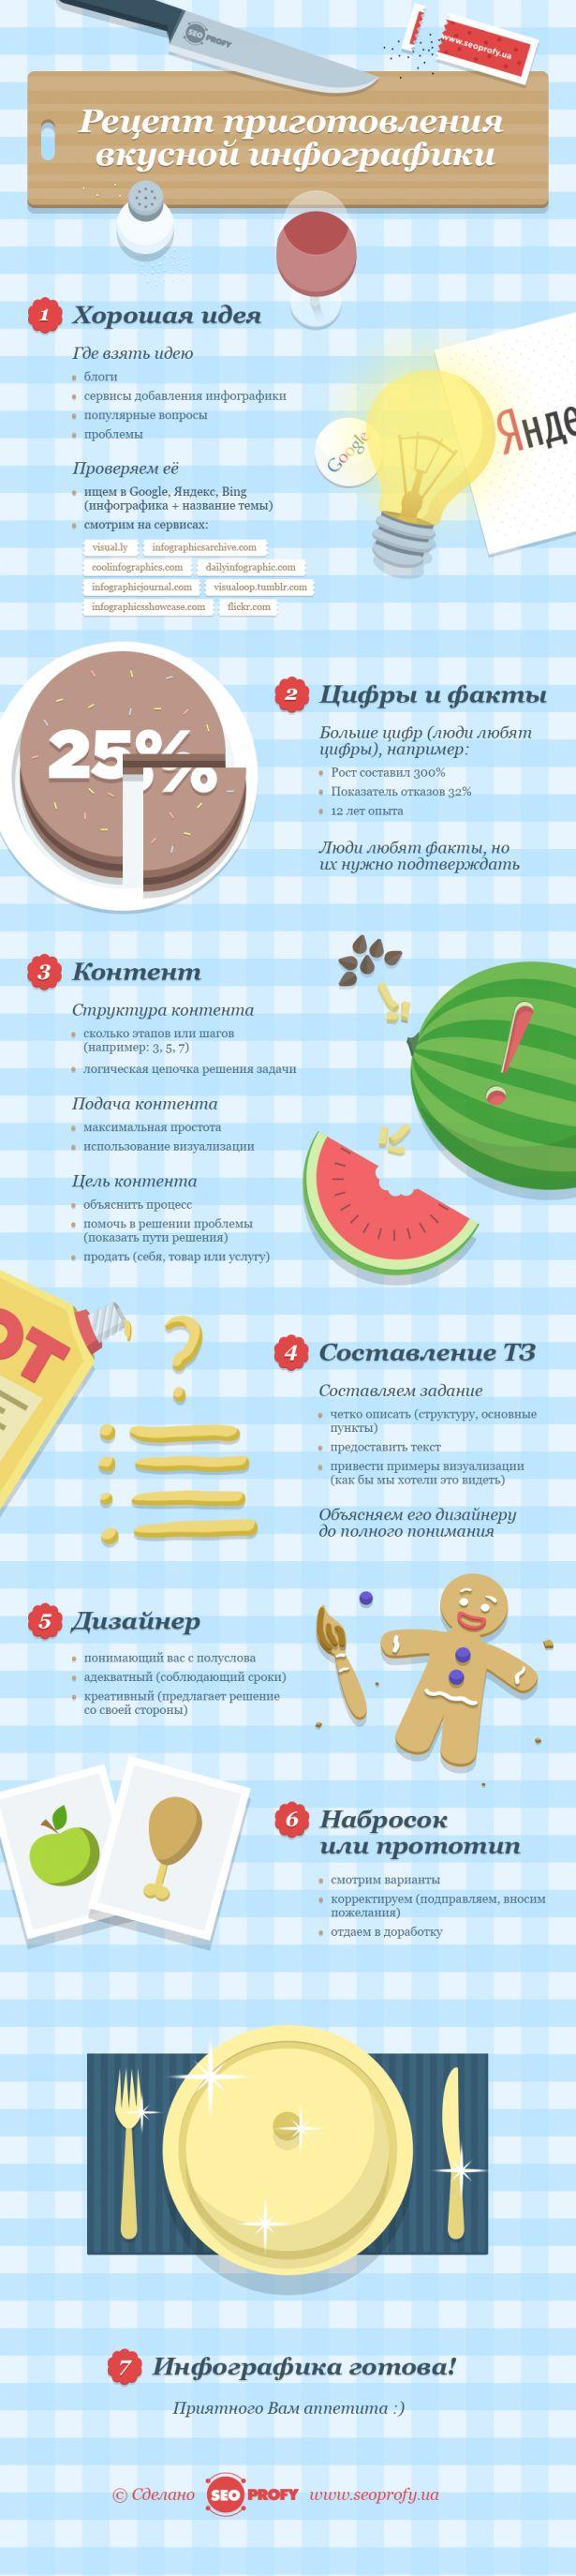 Инфографика: Рецепт приготовления вкусной инфографики